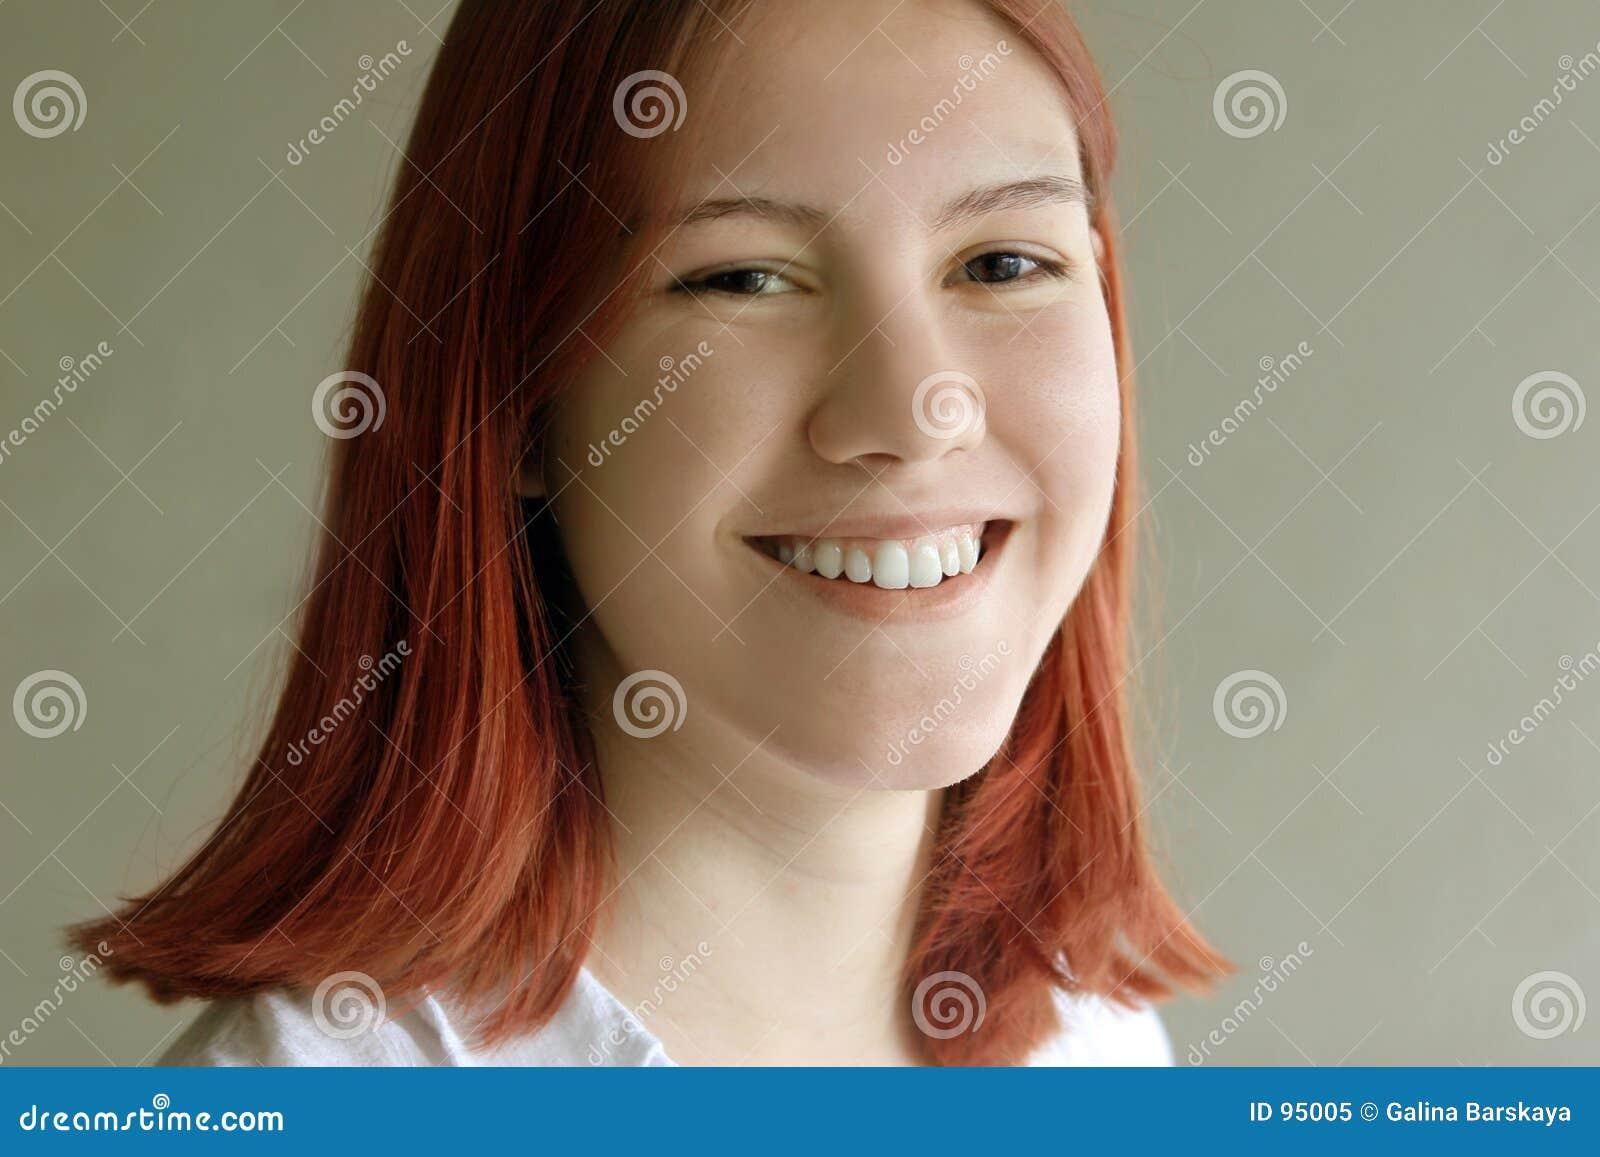 Rousse adolescent bikini rousse adolescent